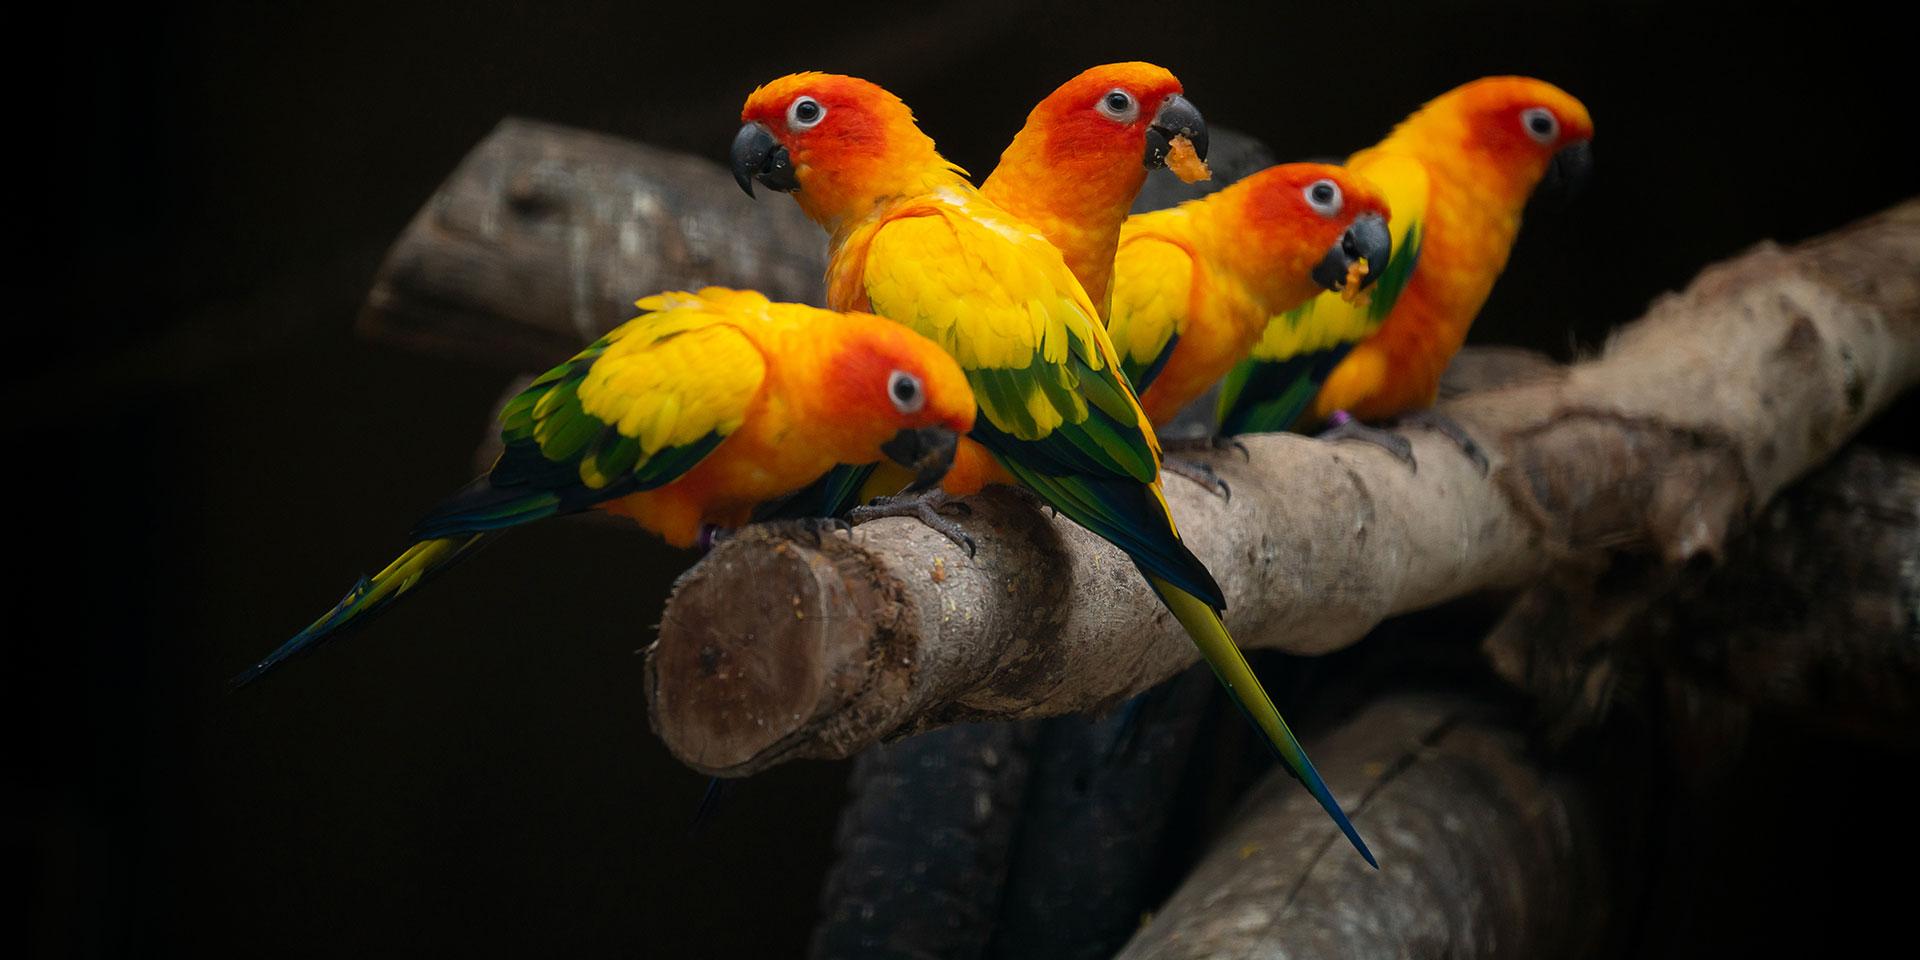 Leczenie i profilaktyka ptaków - Royal Vet - weterynarz Zamość